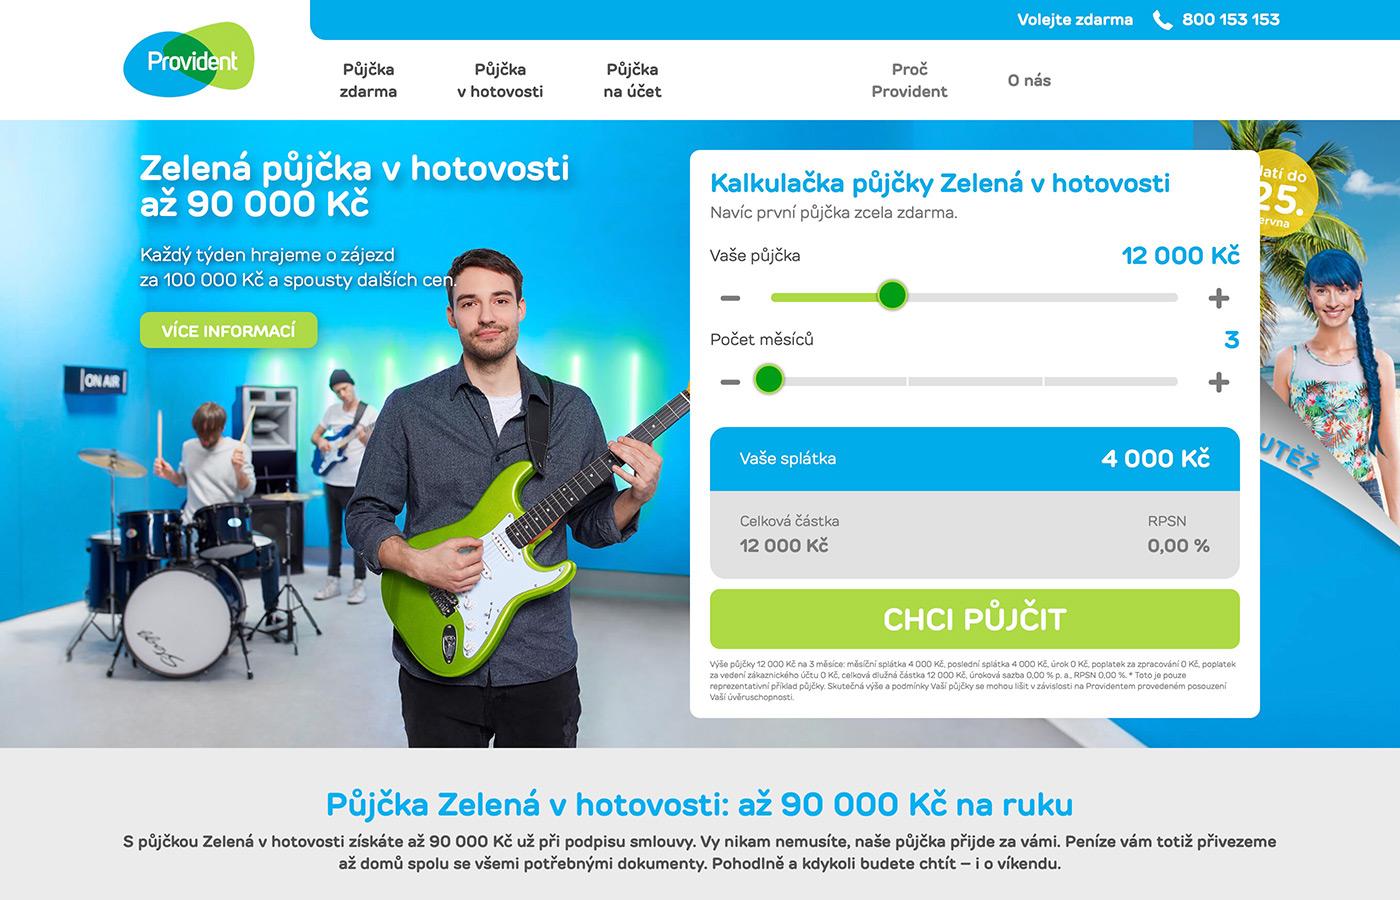 Náhled webu https://www.provident.cz/pujcky/pujcka-v-hotovosti